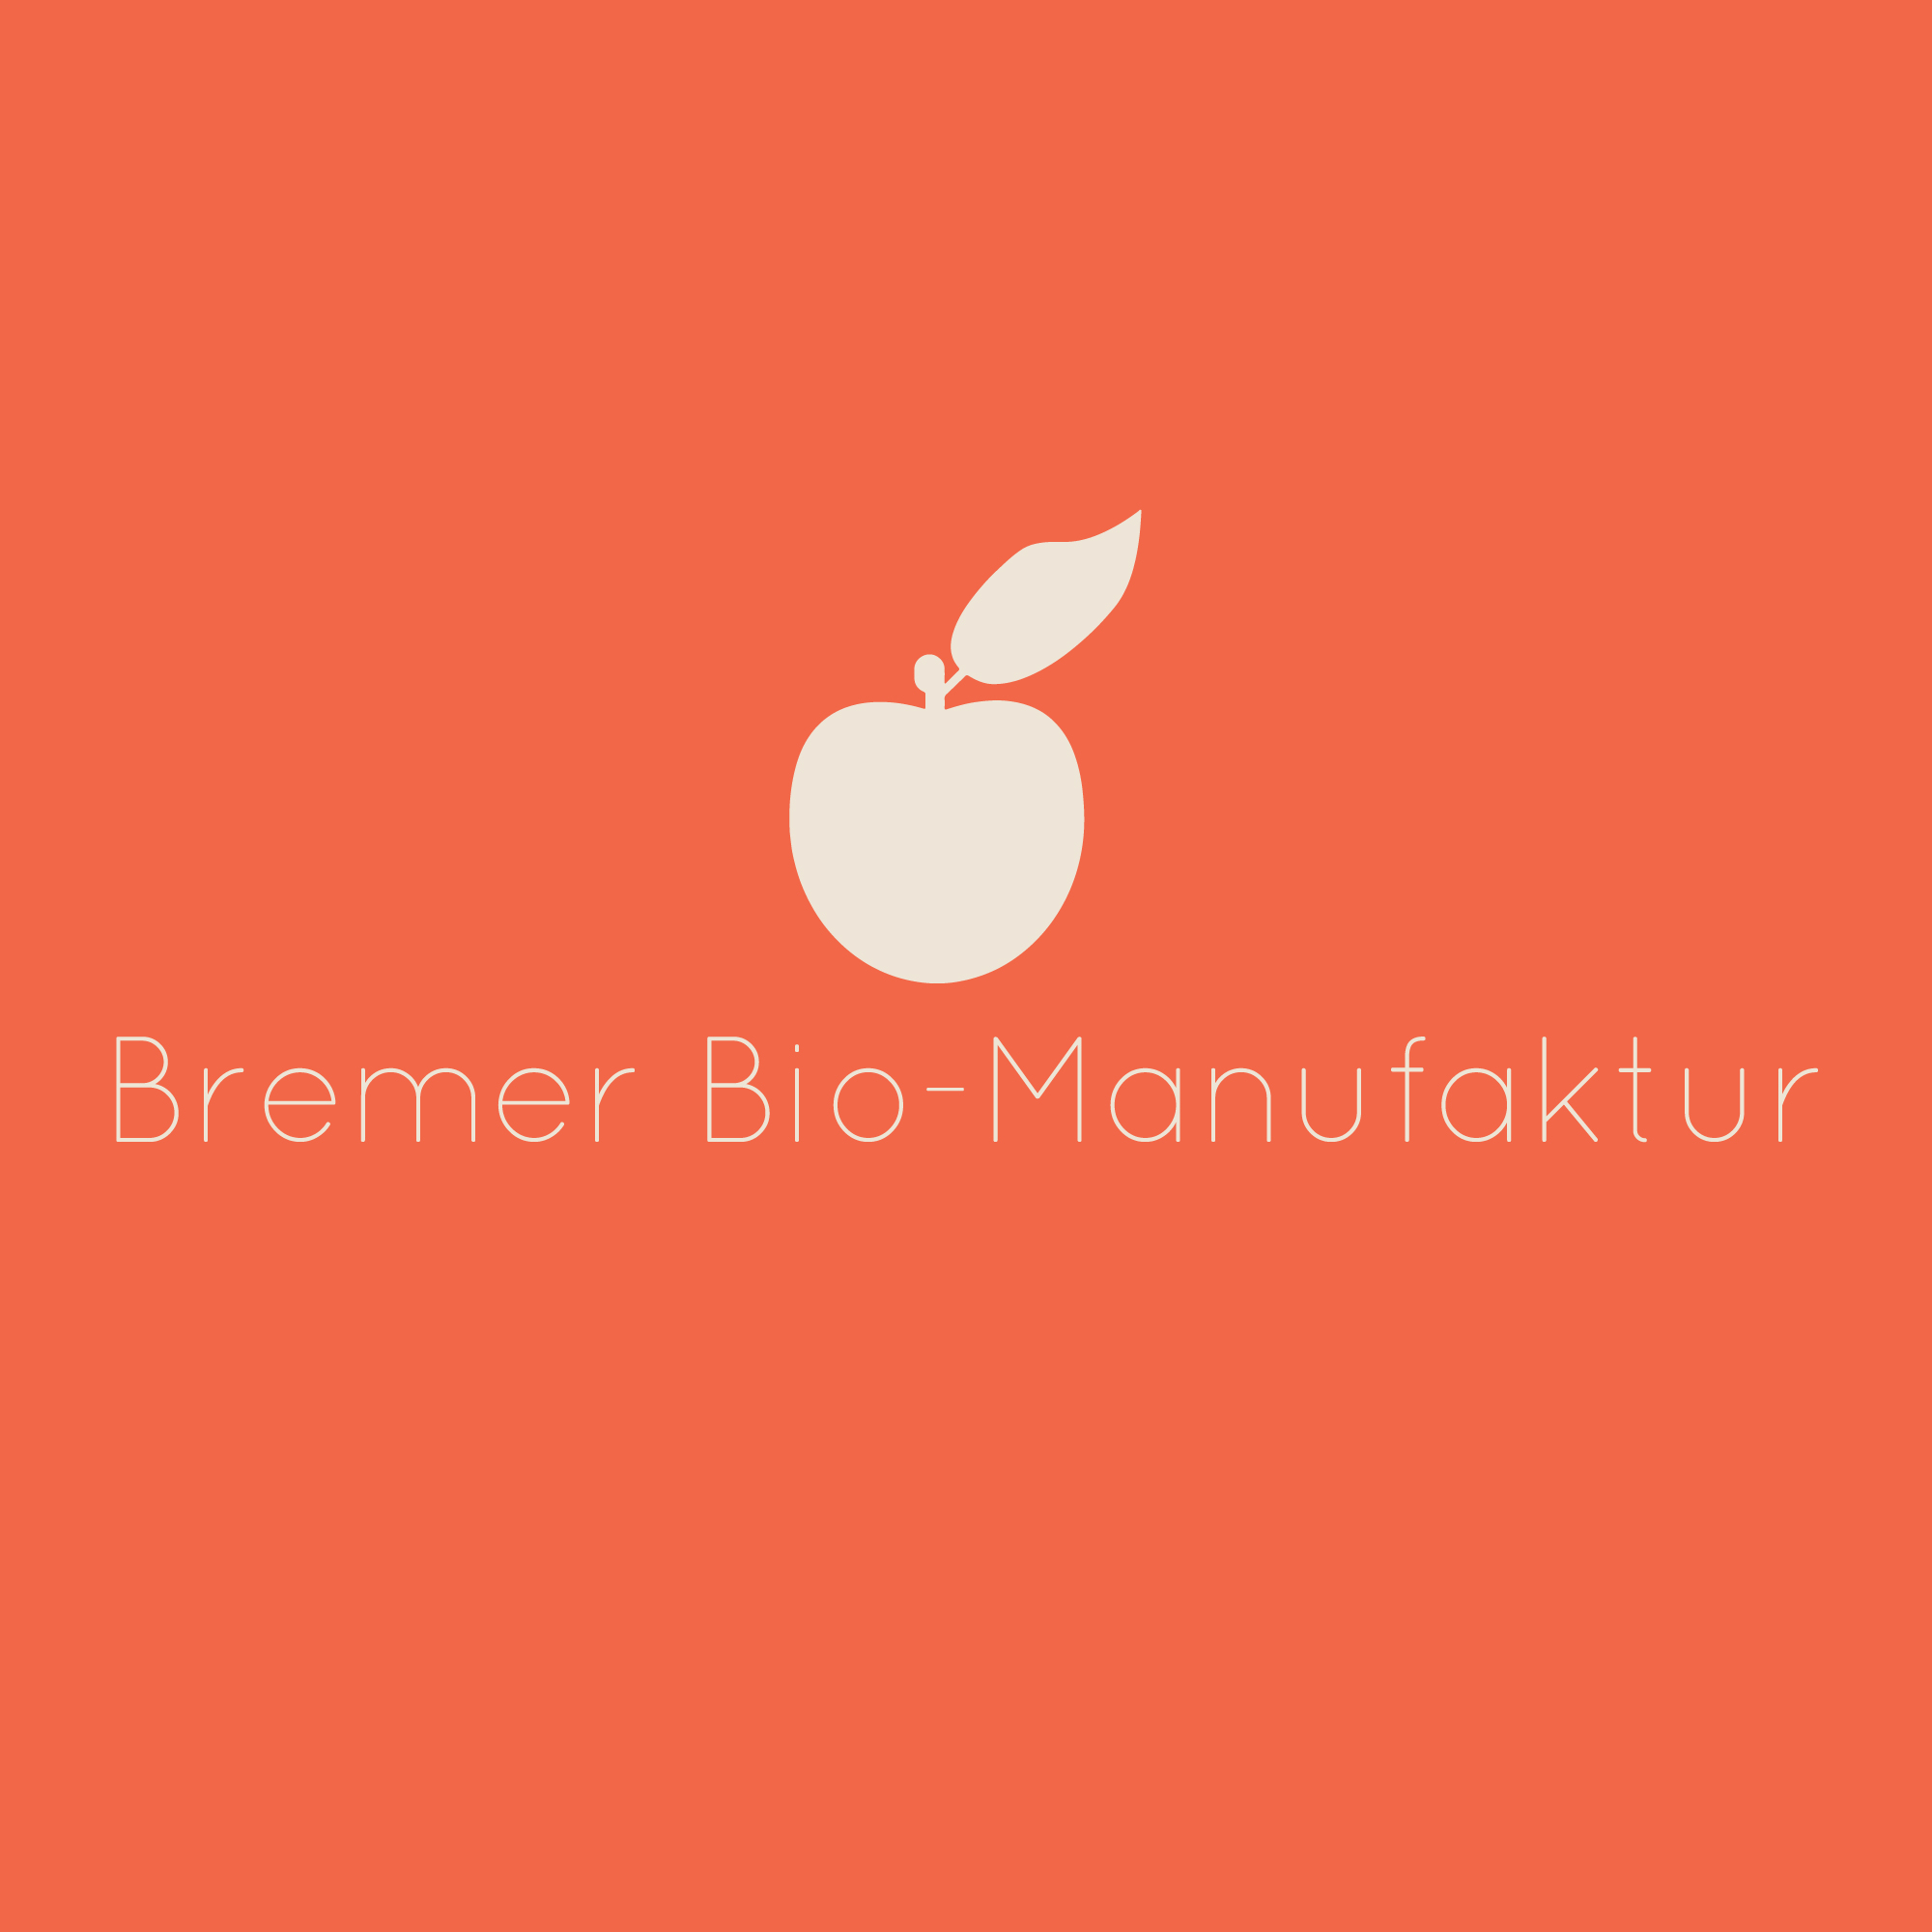 Europa-247.de - Europa Infos & Europa Tipps | Bremer-Bio-Manufaktur